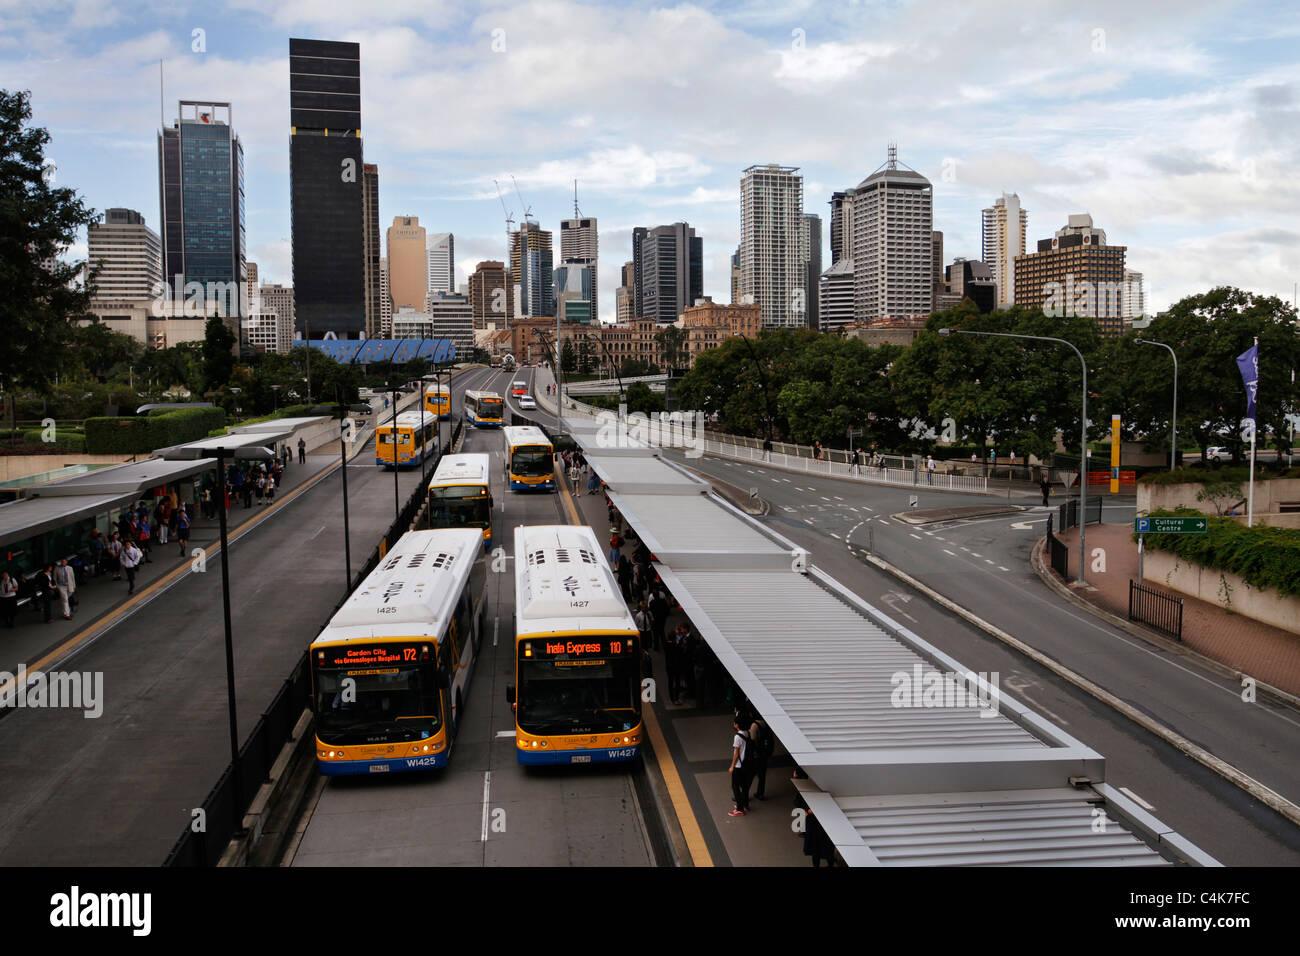 Brisbane city skyline at dusk - Australia. - Stock Image